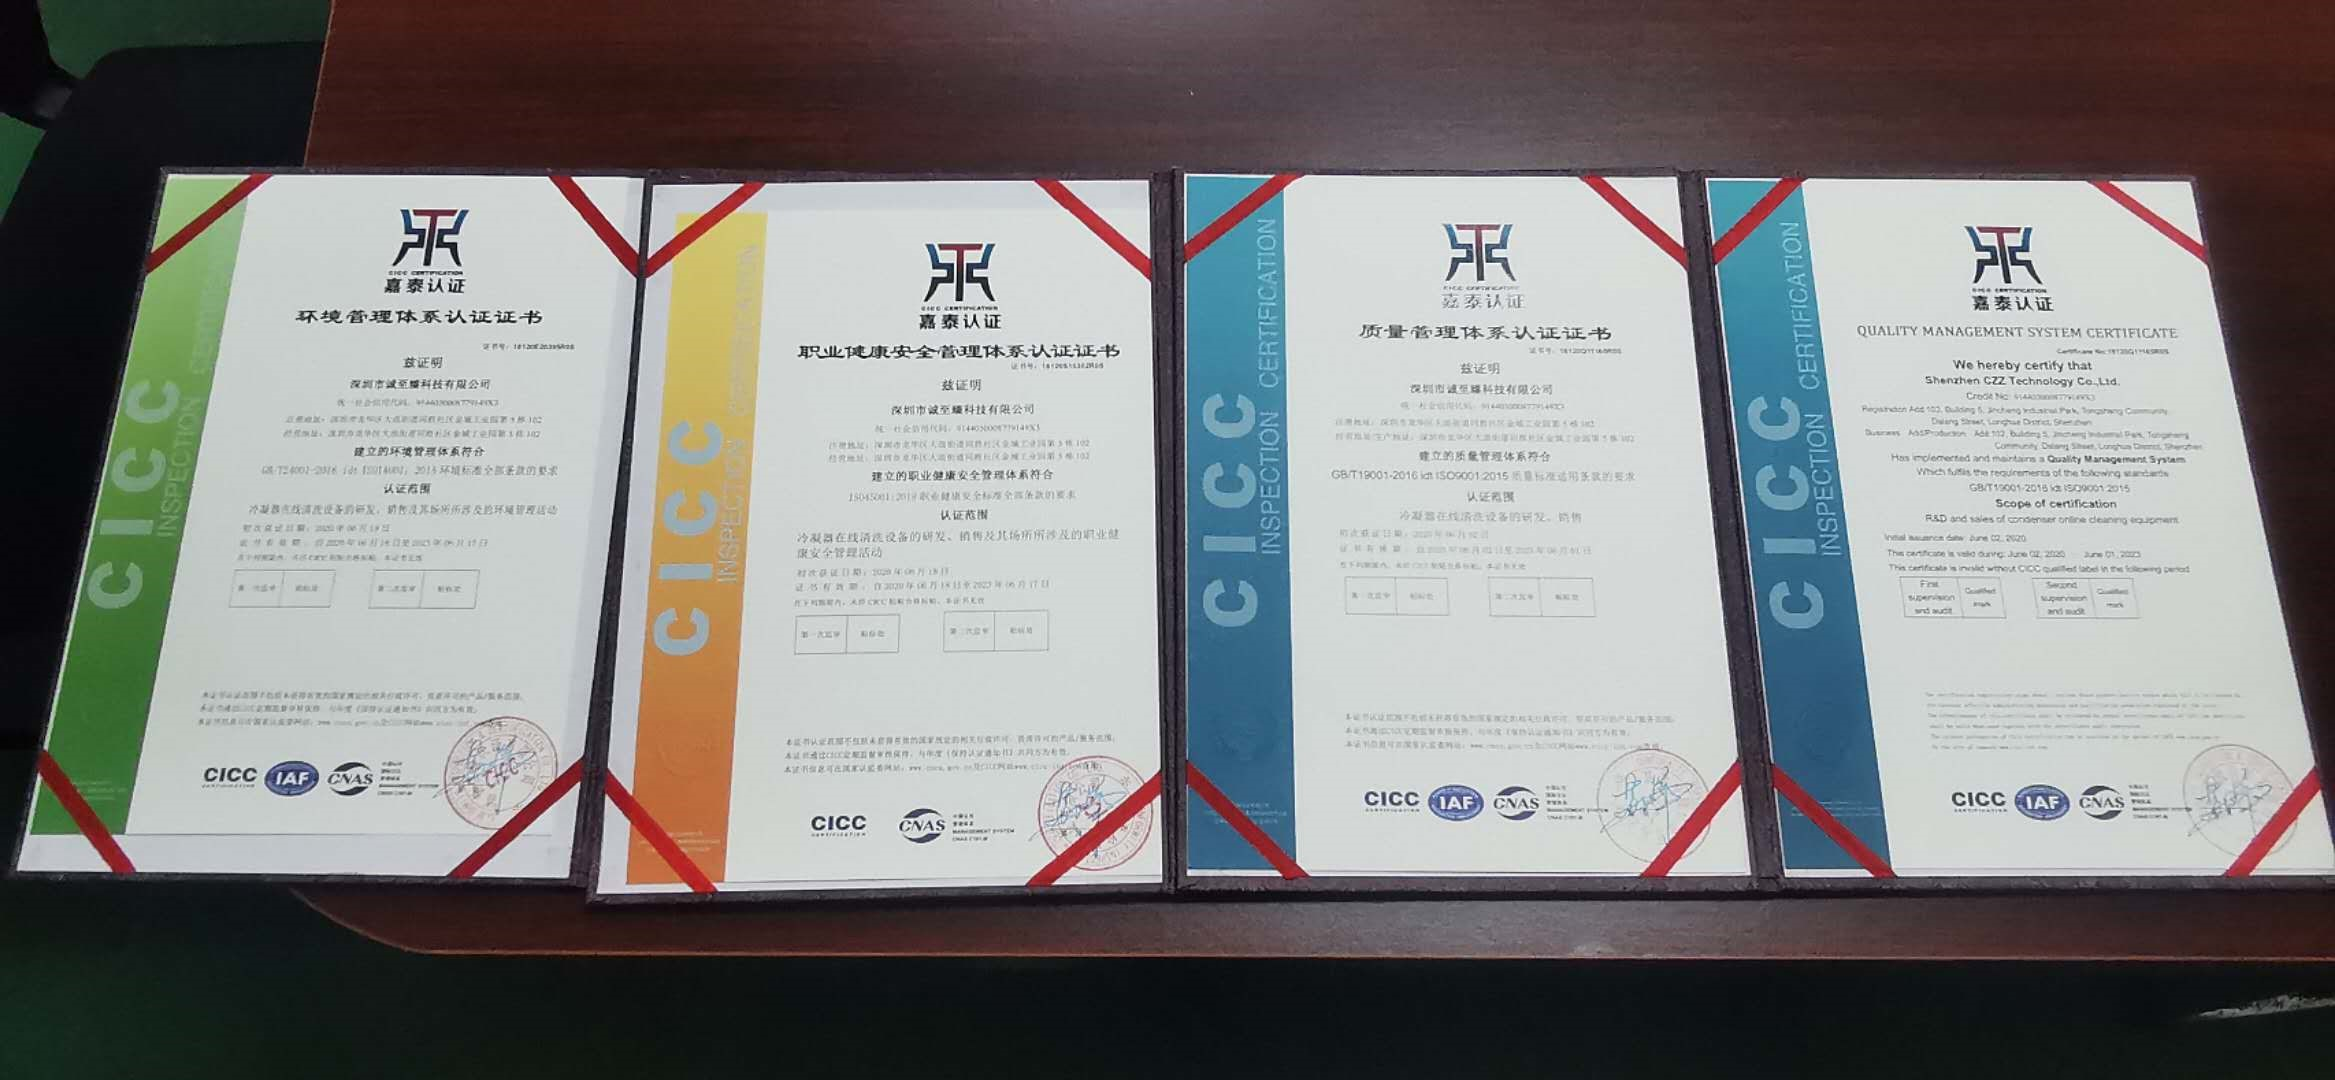 深圳诚至臻科技 2020年通过国家认证的ISO质量、环境、健康安全体系